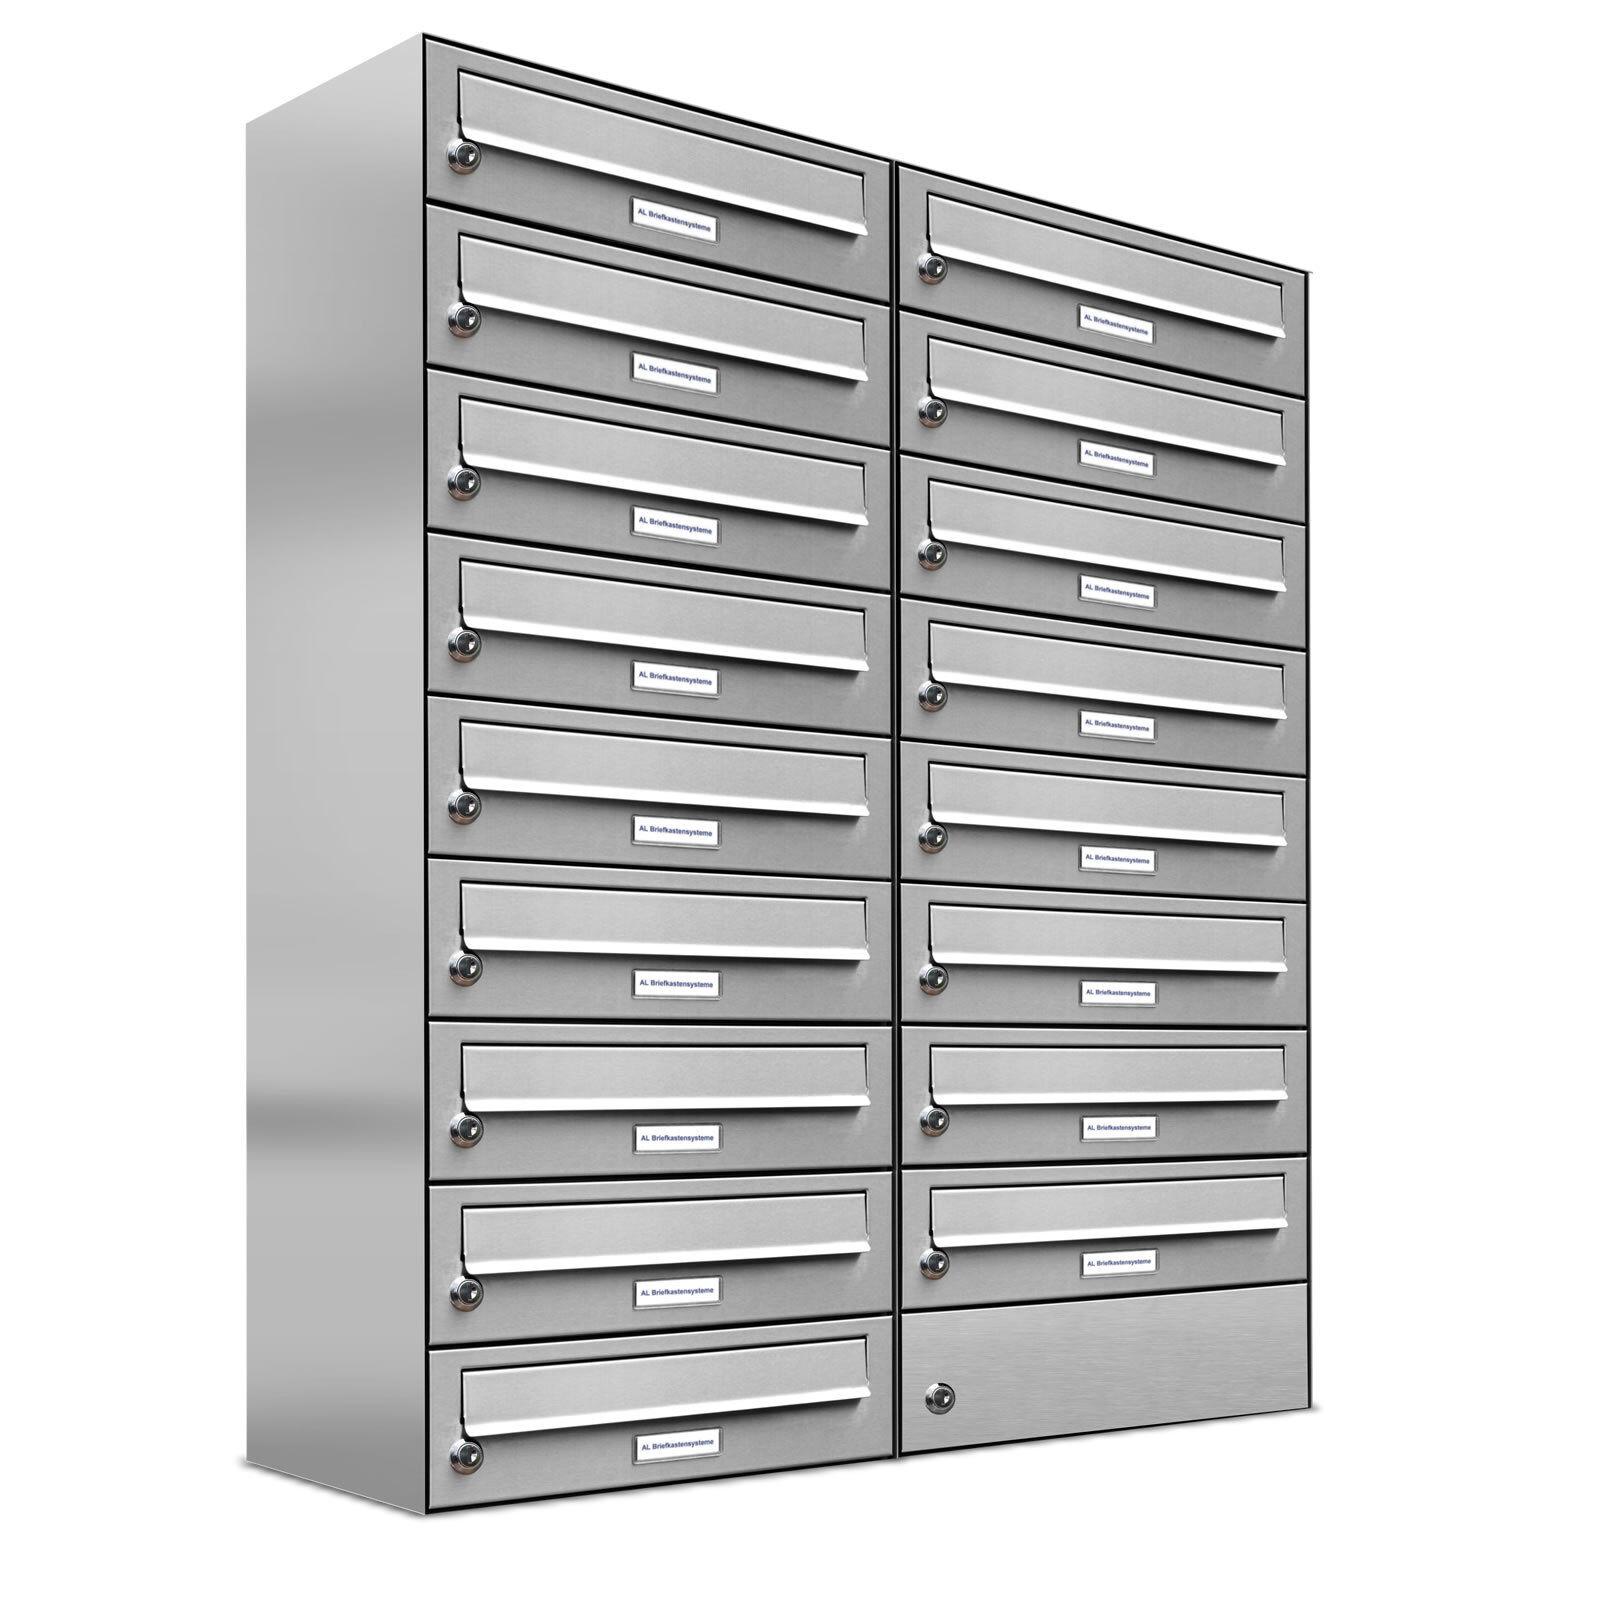 17er Premium Edelstahl Briefkasten Anlage 17 Fach Wandbriefkasten A4 Postkasten